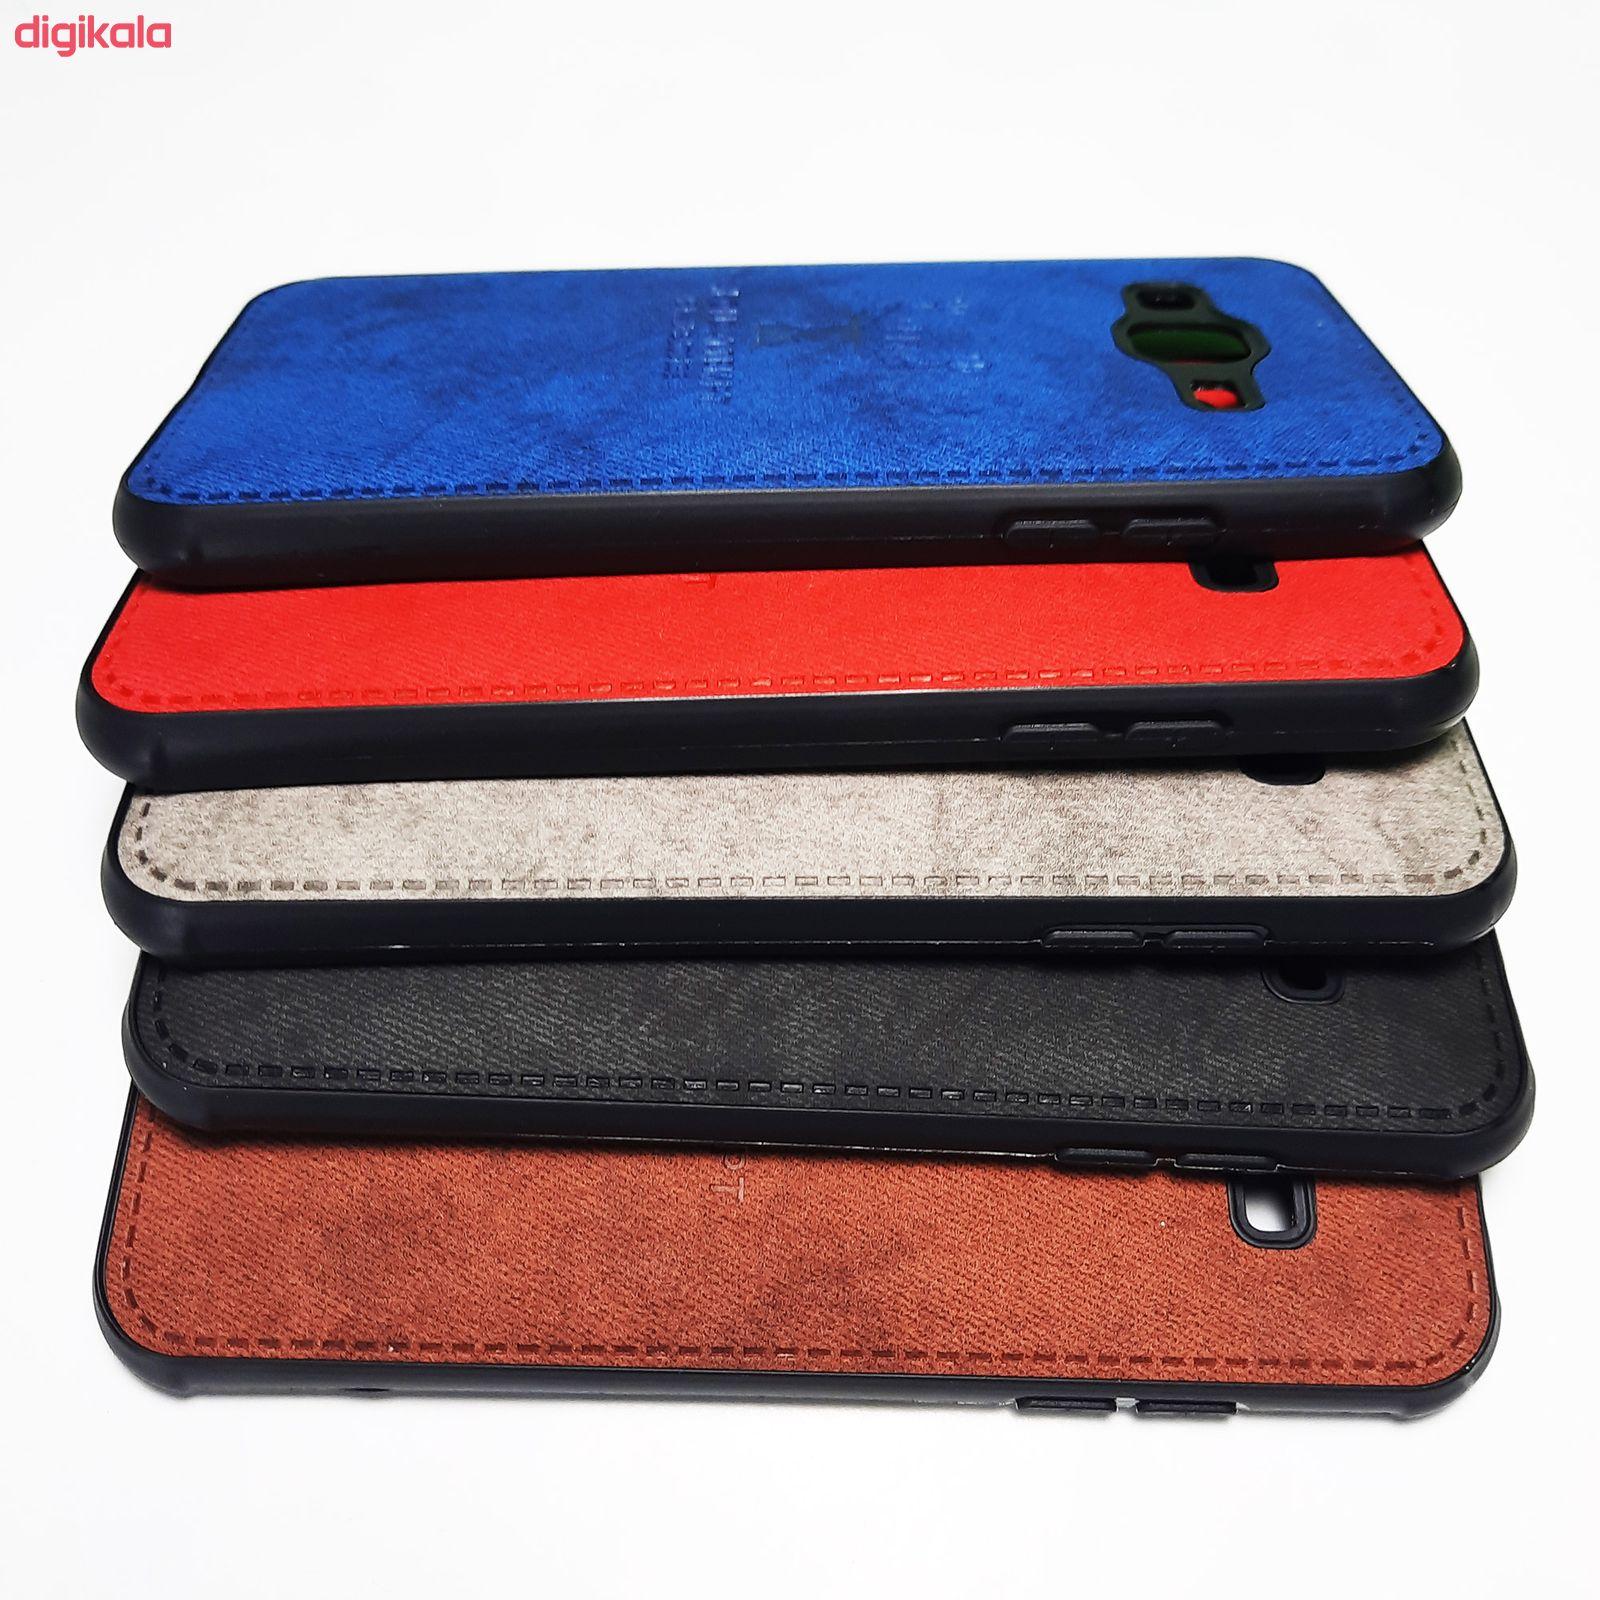 کاور مدل CO811 طرح گوزن مناسب برای گوشی موبایل سامسونگ Galaxy J2 Prime / G530 / Grand Prime main 1 6